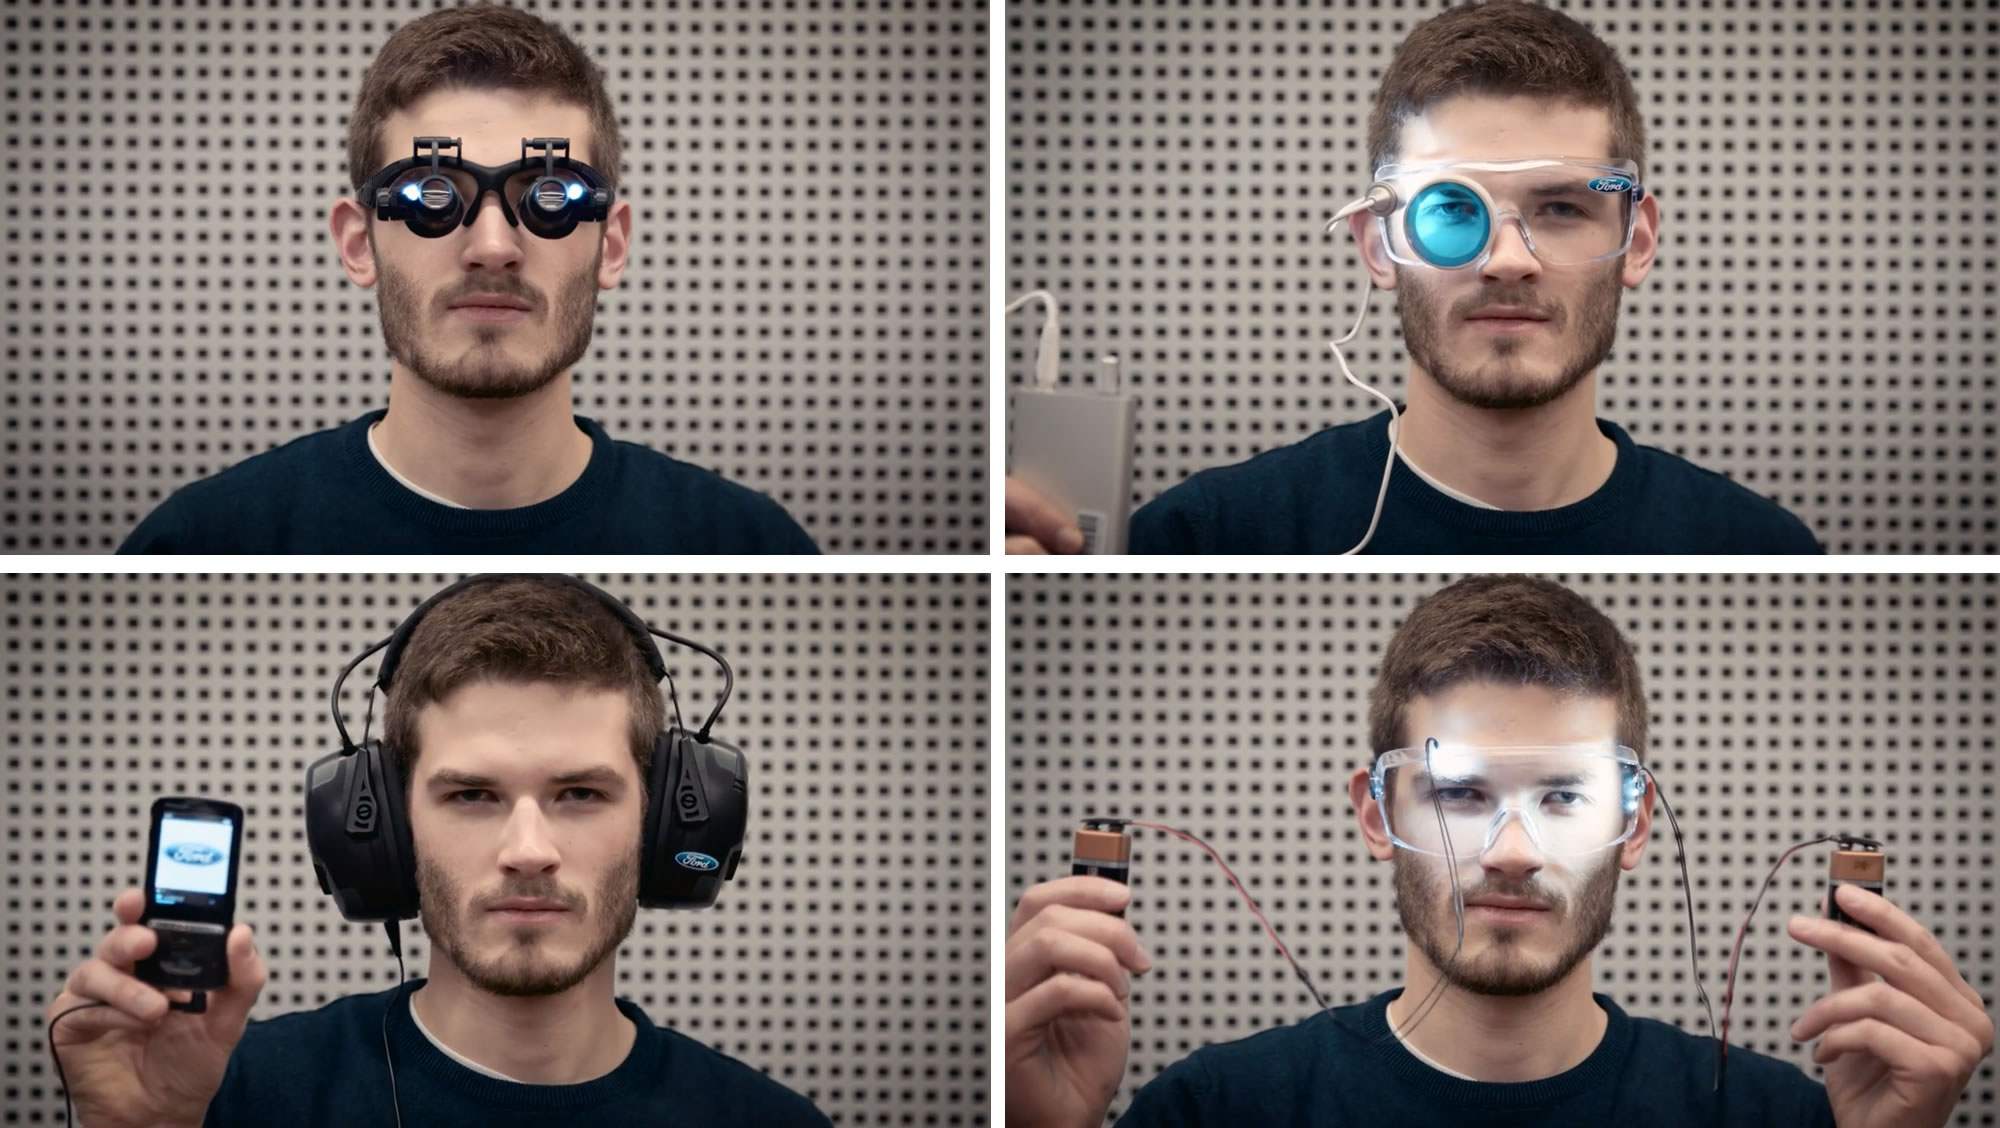 Ciencia loca: crearon un traje que simula efectos de la resaca (a.k.a. caña)